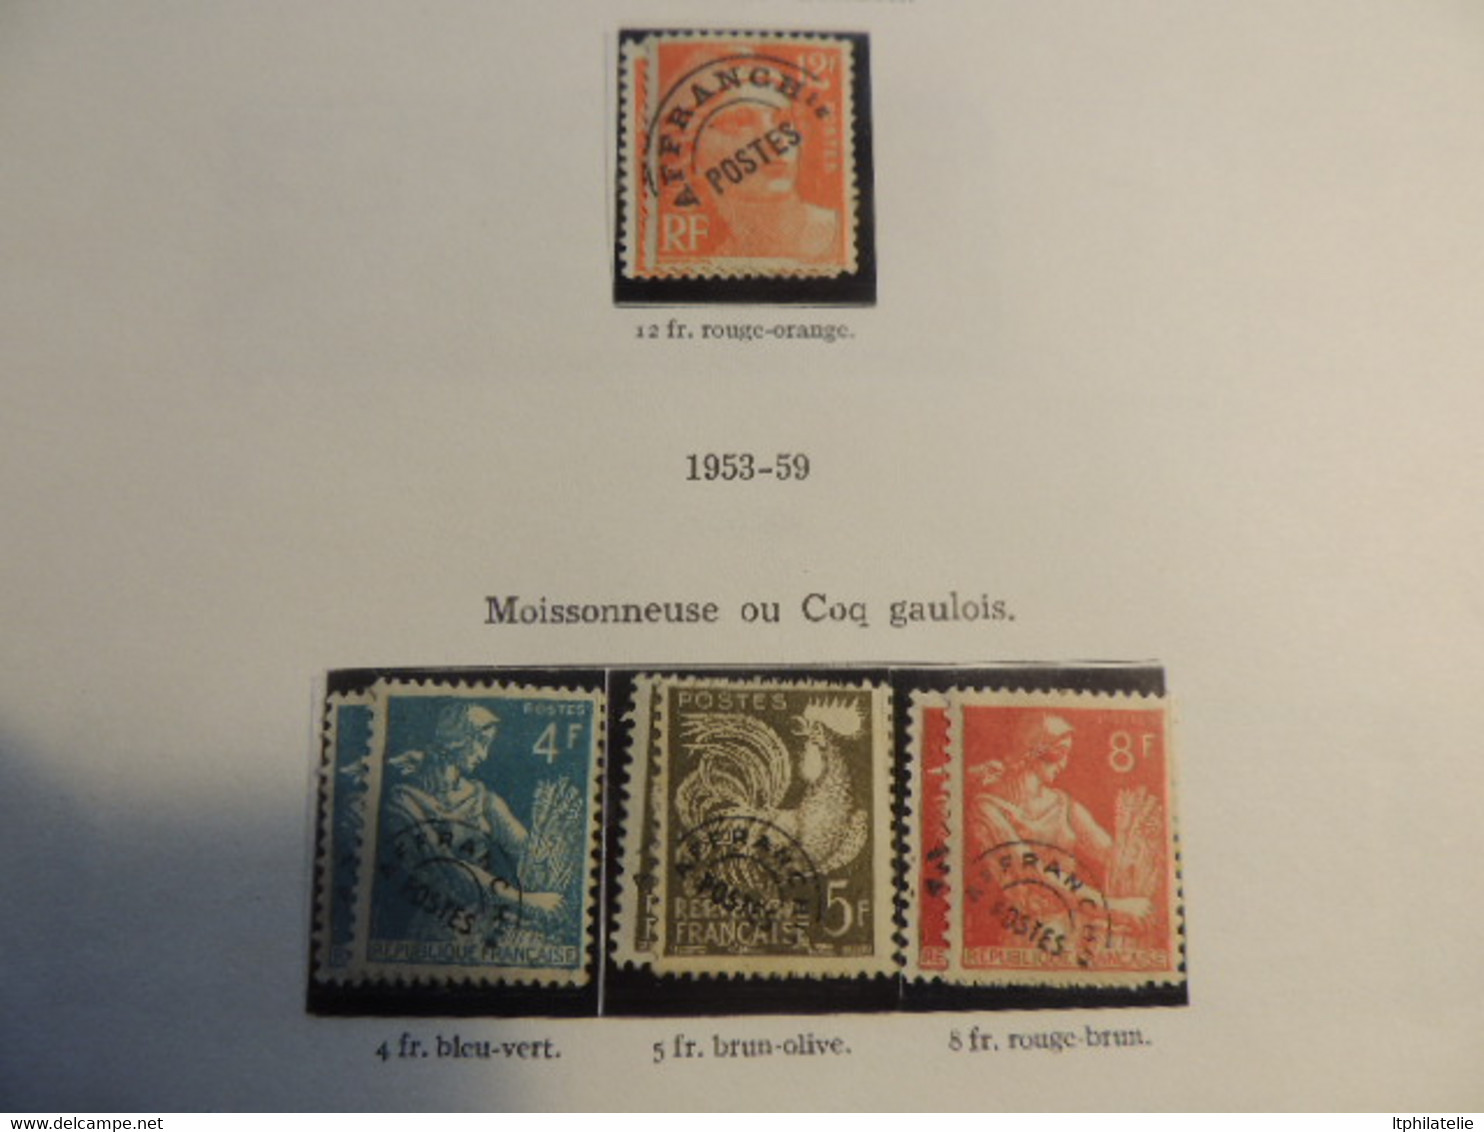 DESTOCK. Collection France Album Fin De Catalogue, PA, Préoblitérés, Colis Postaux, Taxe, Cfa...neufs Oblitérés AFFAIRE - Collections (with Albums)